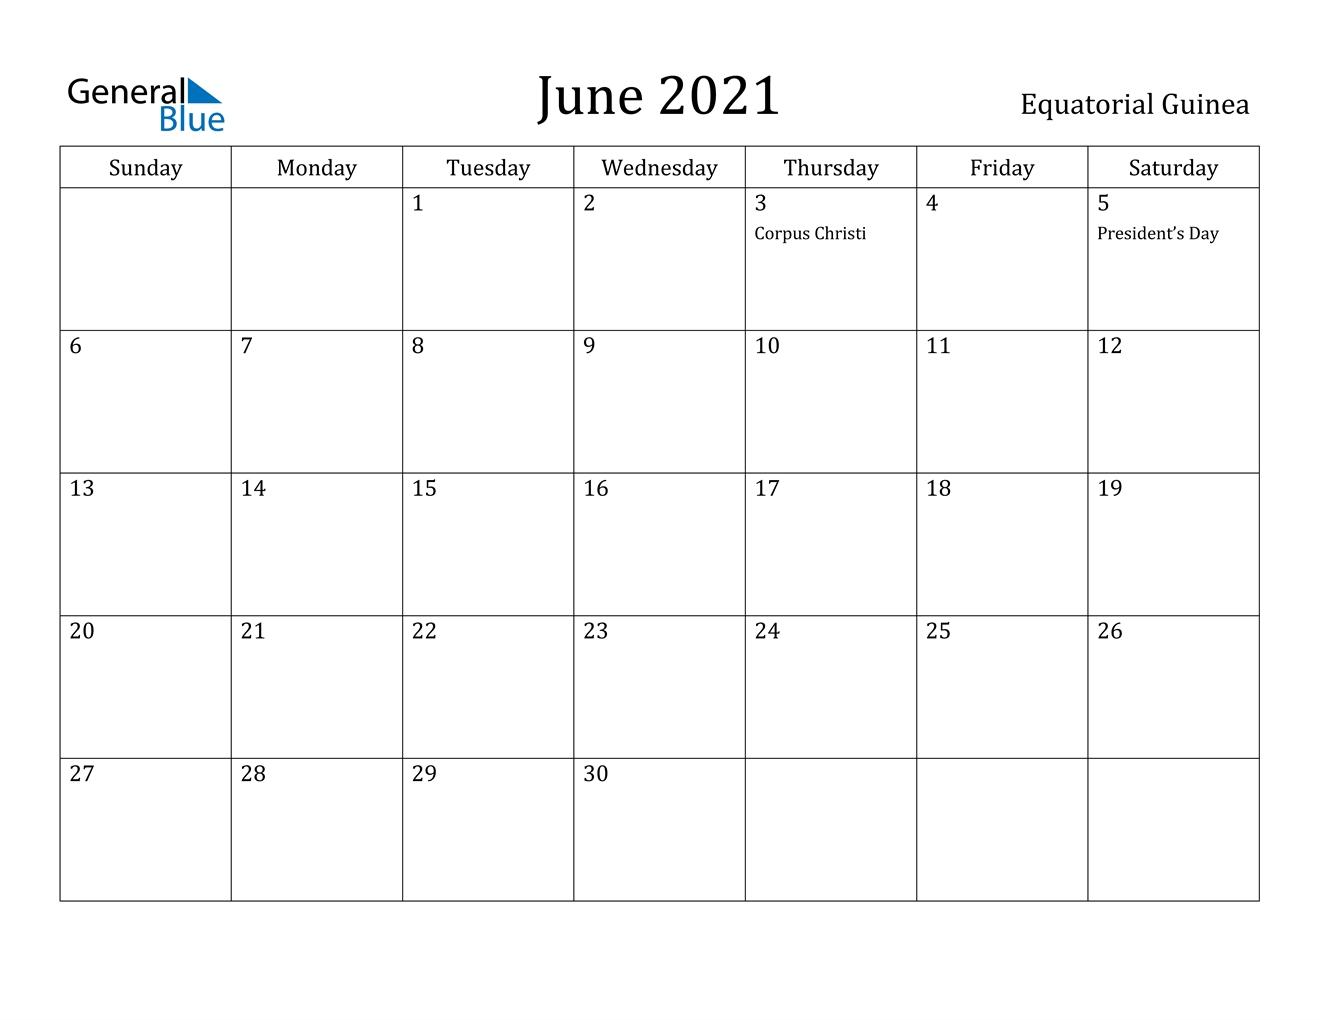 June 2021 Calendar - Equatorial Guinea June 2021 Calendar Kuda